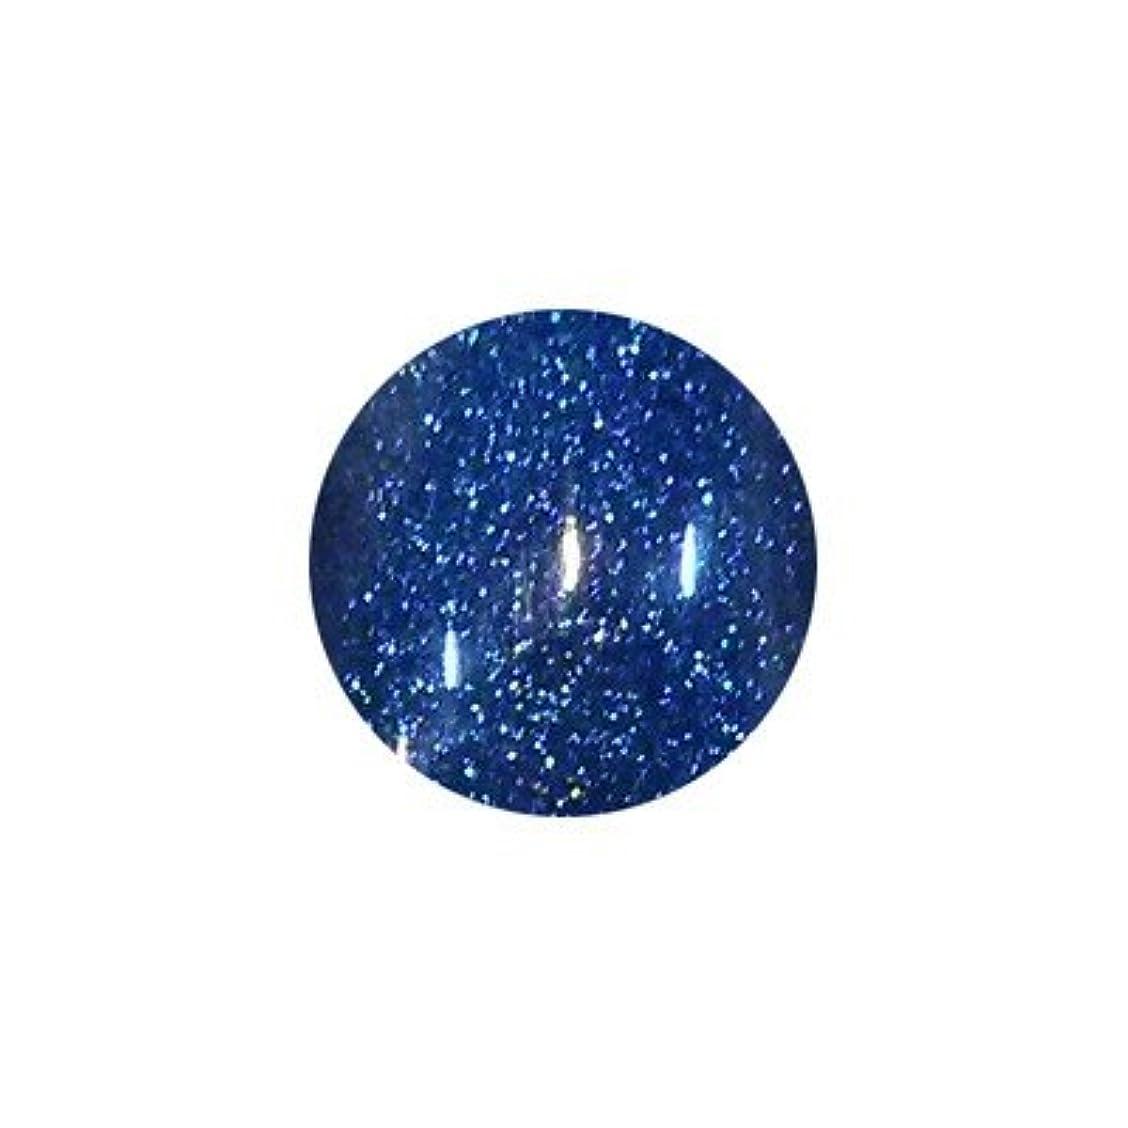 染料パトロールコットンアイスジェル カラージェル LP-387 3g